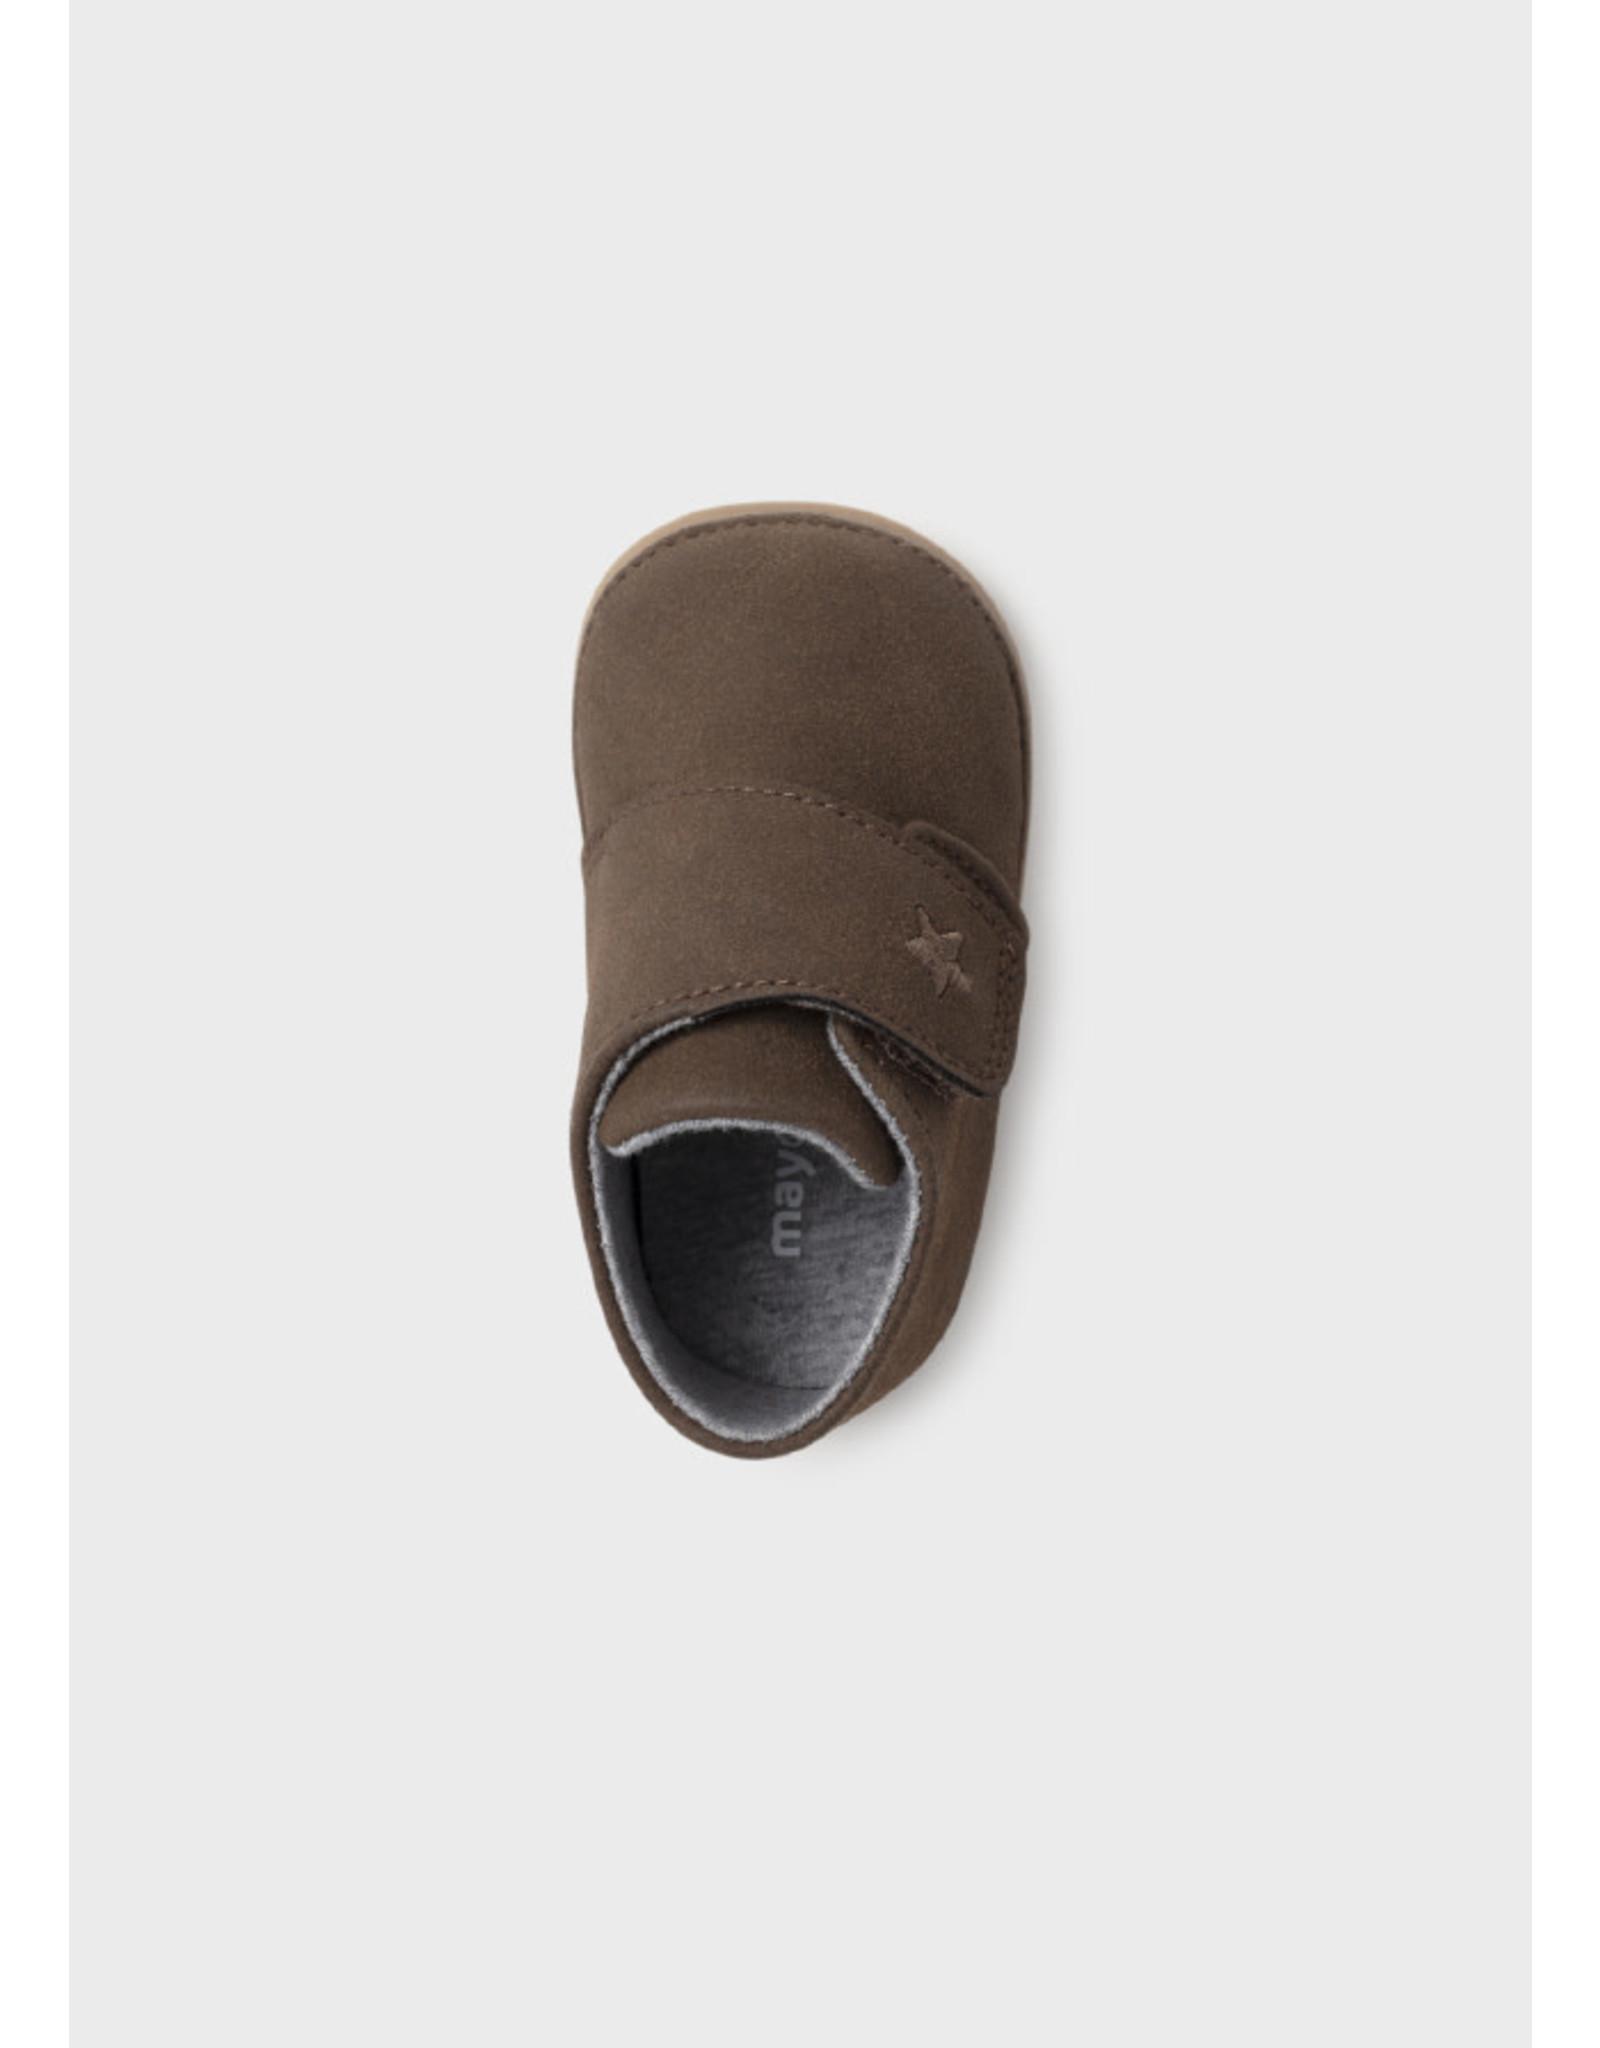 Mayoral Mink Shoes